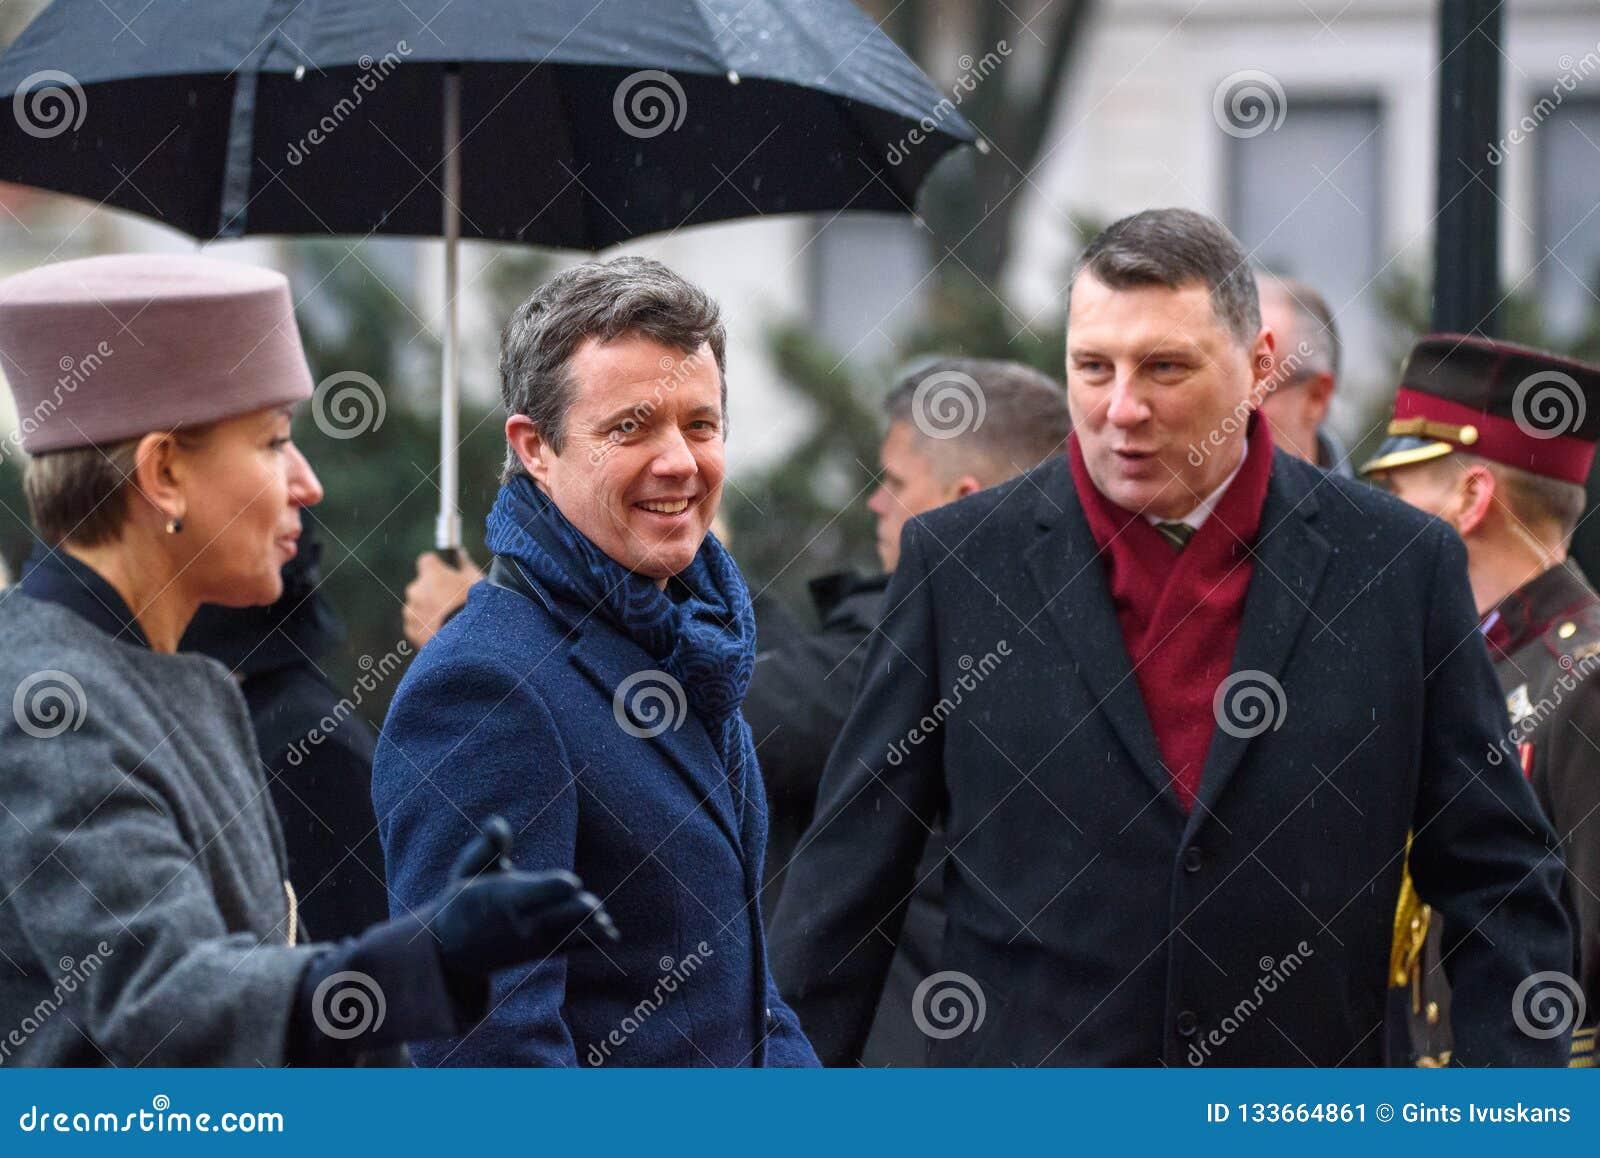 Наследный принц Дании Frederik и Raimonds Vejonis, президент Латвии